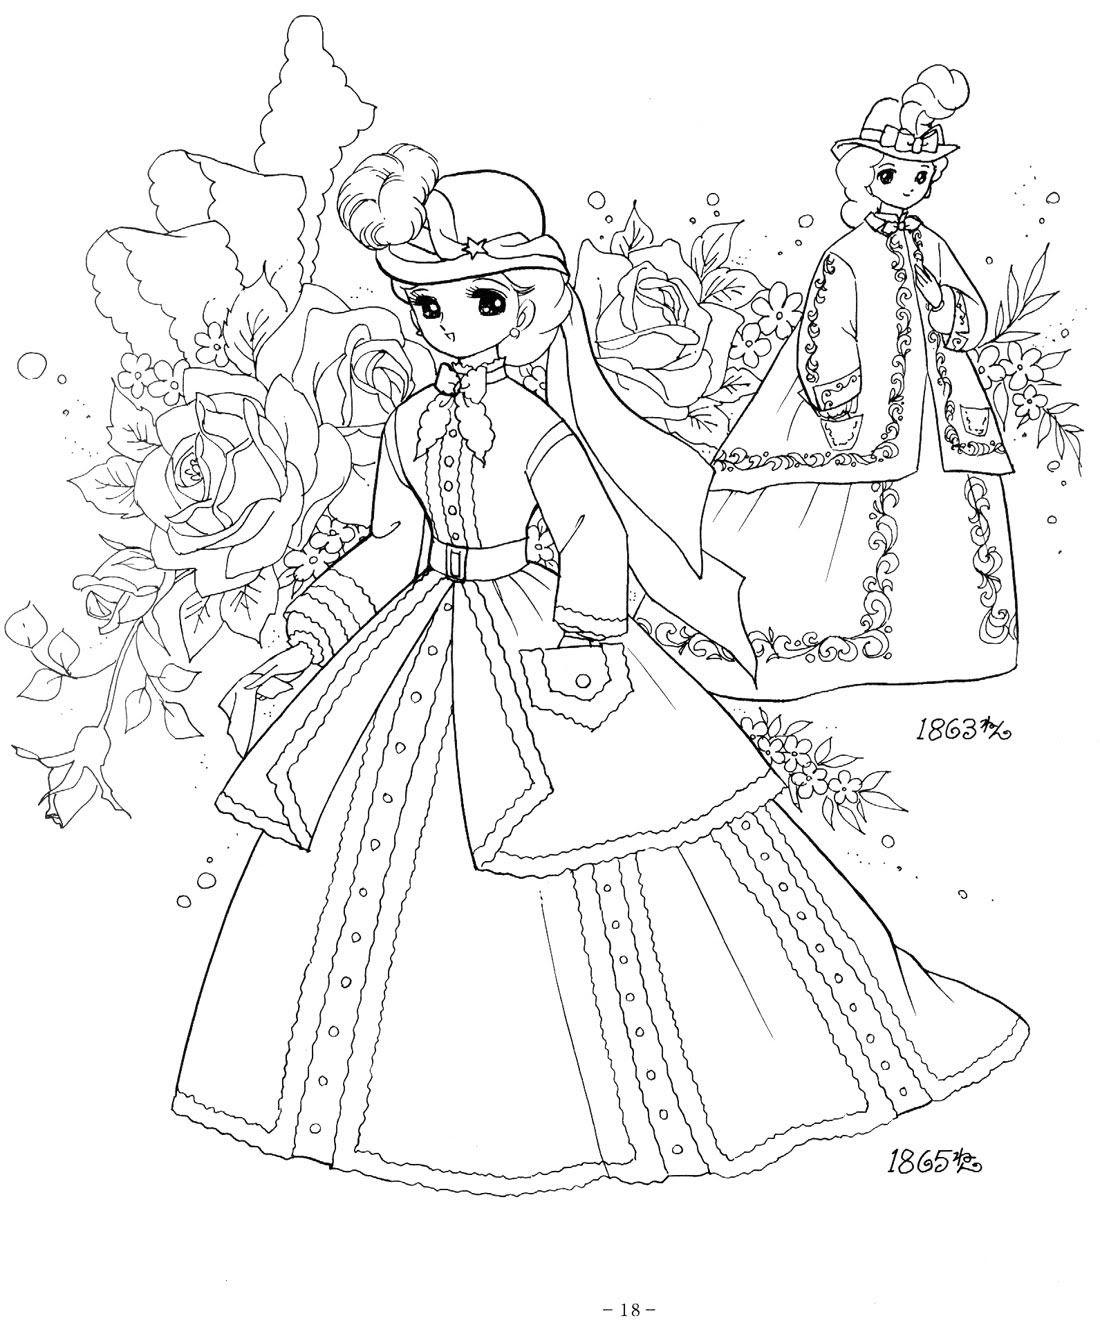 Khateerah S Image Mermaid Coloring Pages Cute Coloring Pages Coloring Books [ 1323 x 1100 Pixel ]